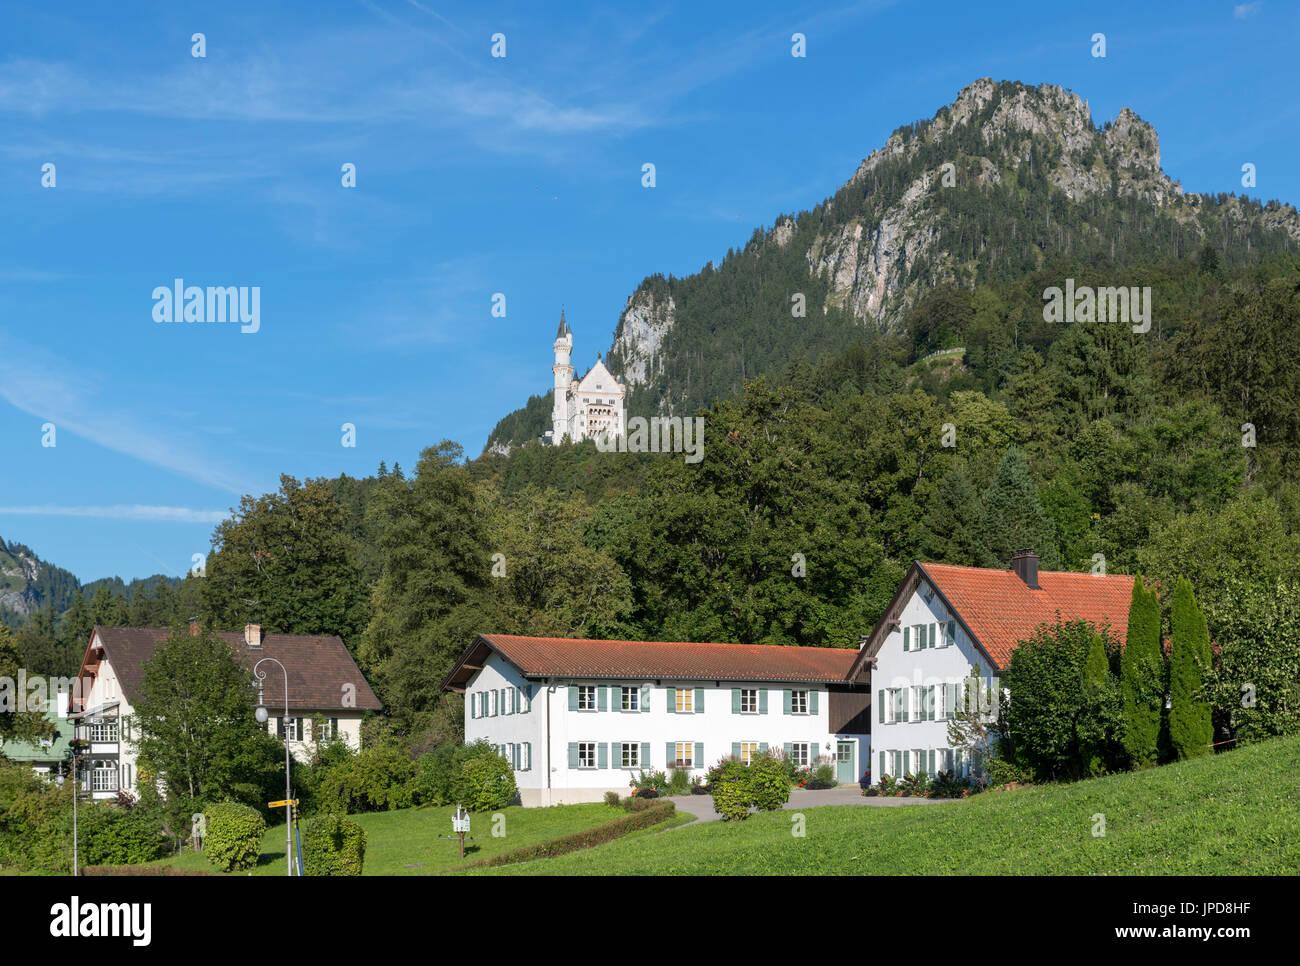 Neuschwanstein Castle (Schloss Neuschwanstein) from the village centre, Hohenschwangau, Germany - Stock Image